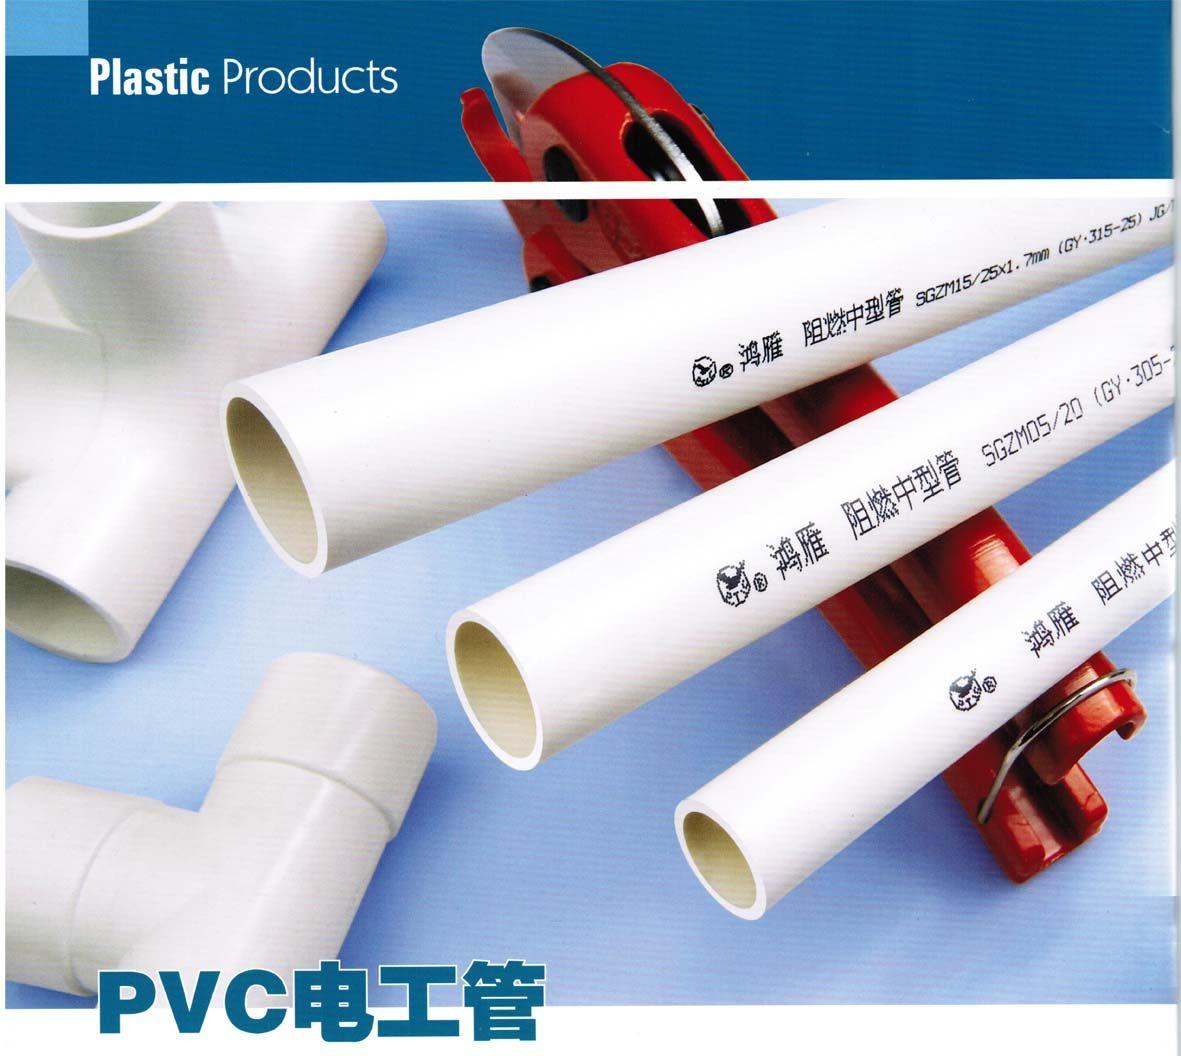 pvc管-pvc线管-pvc管尽在阿里巴巴-三江建材商行